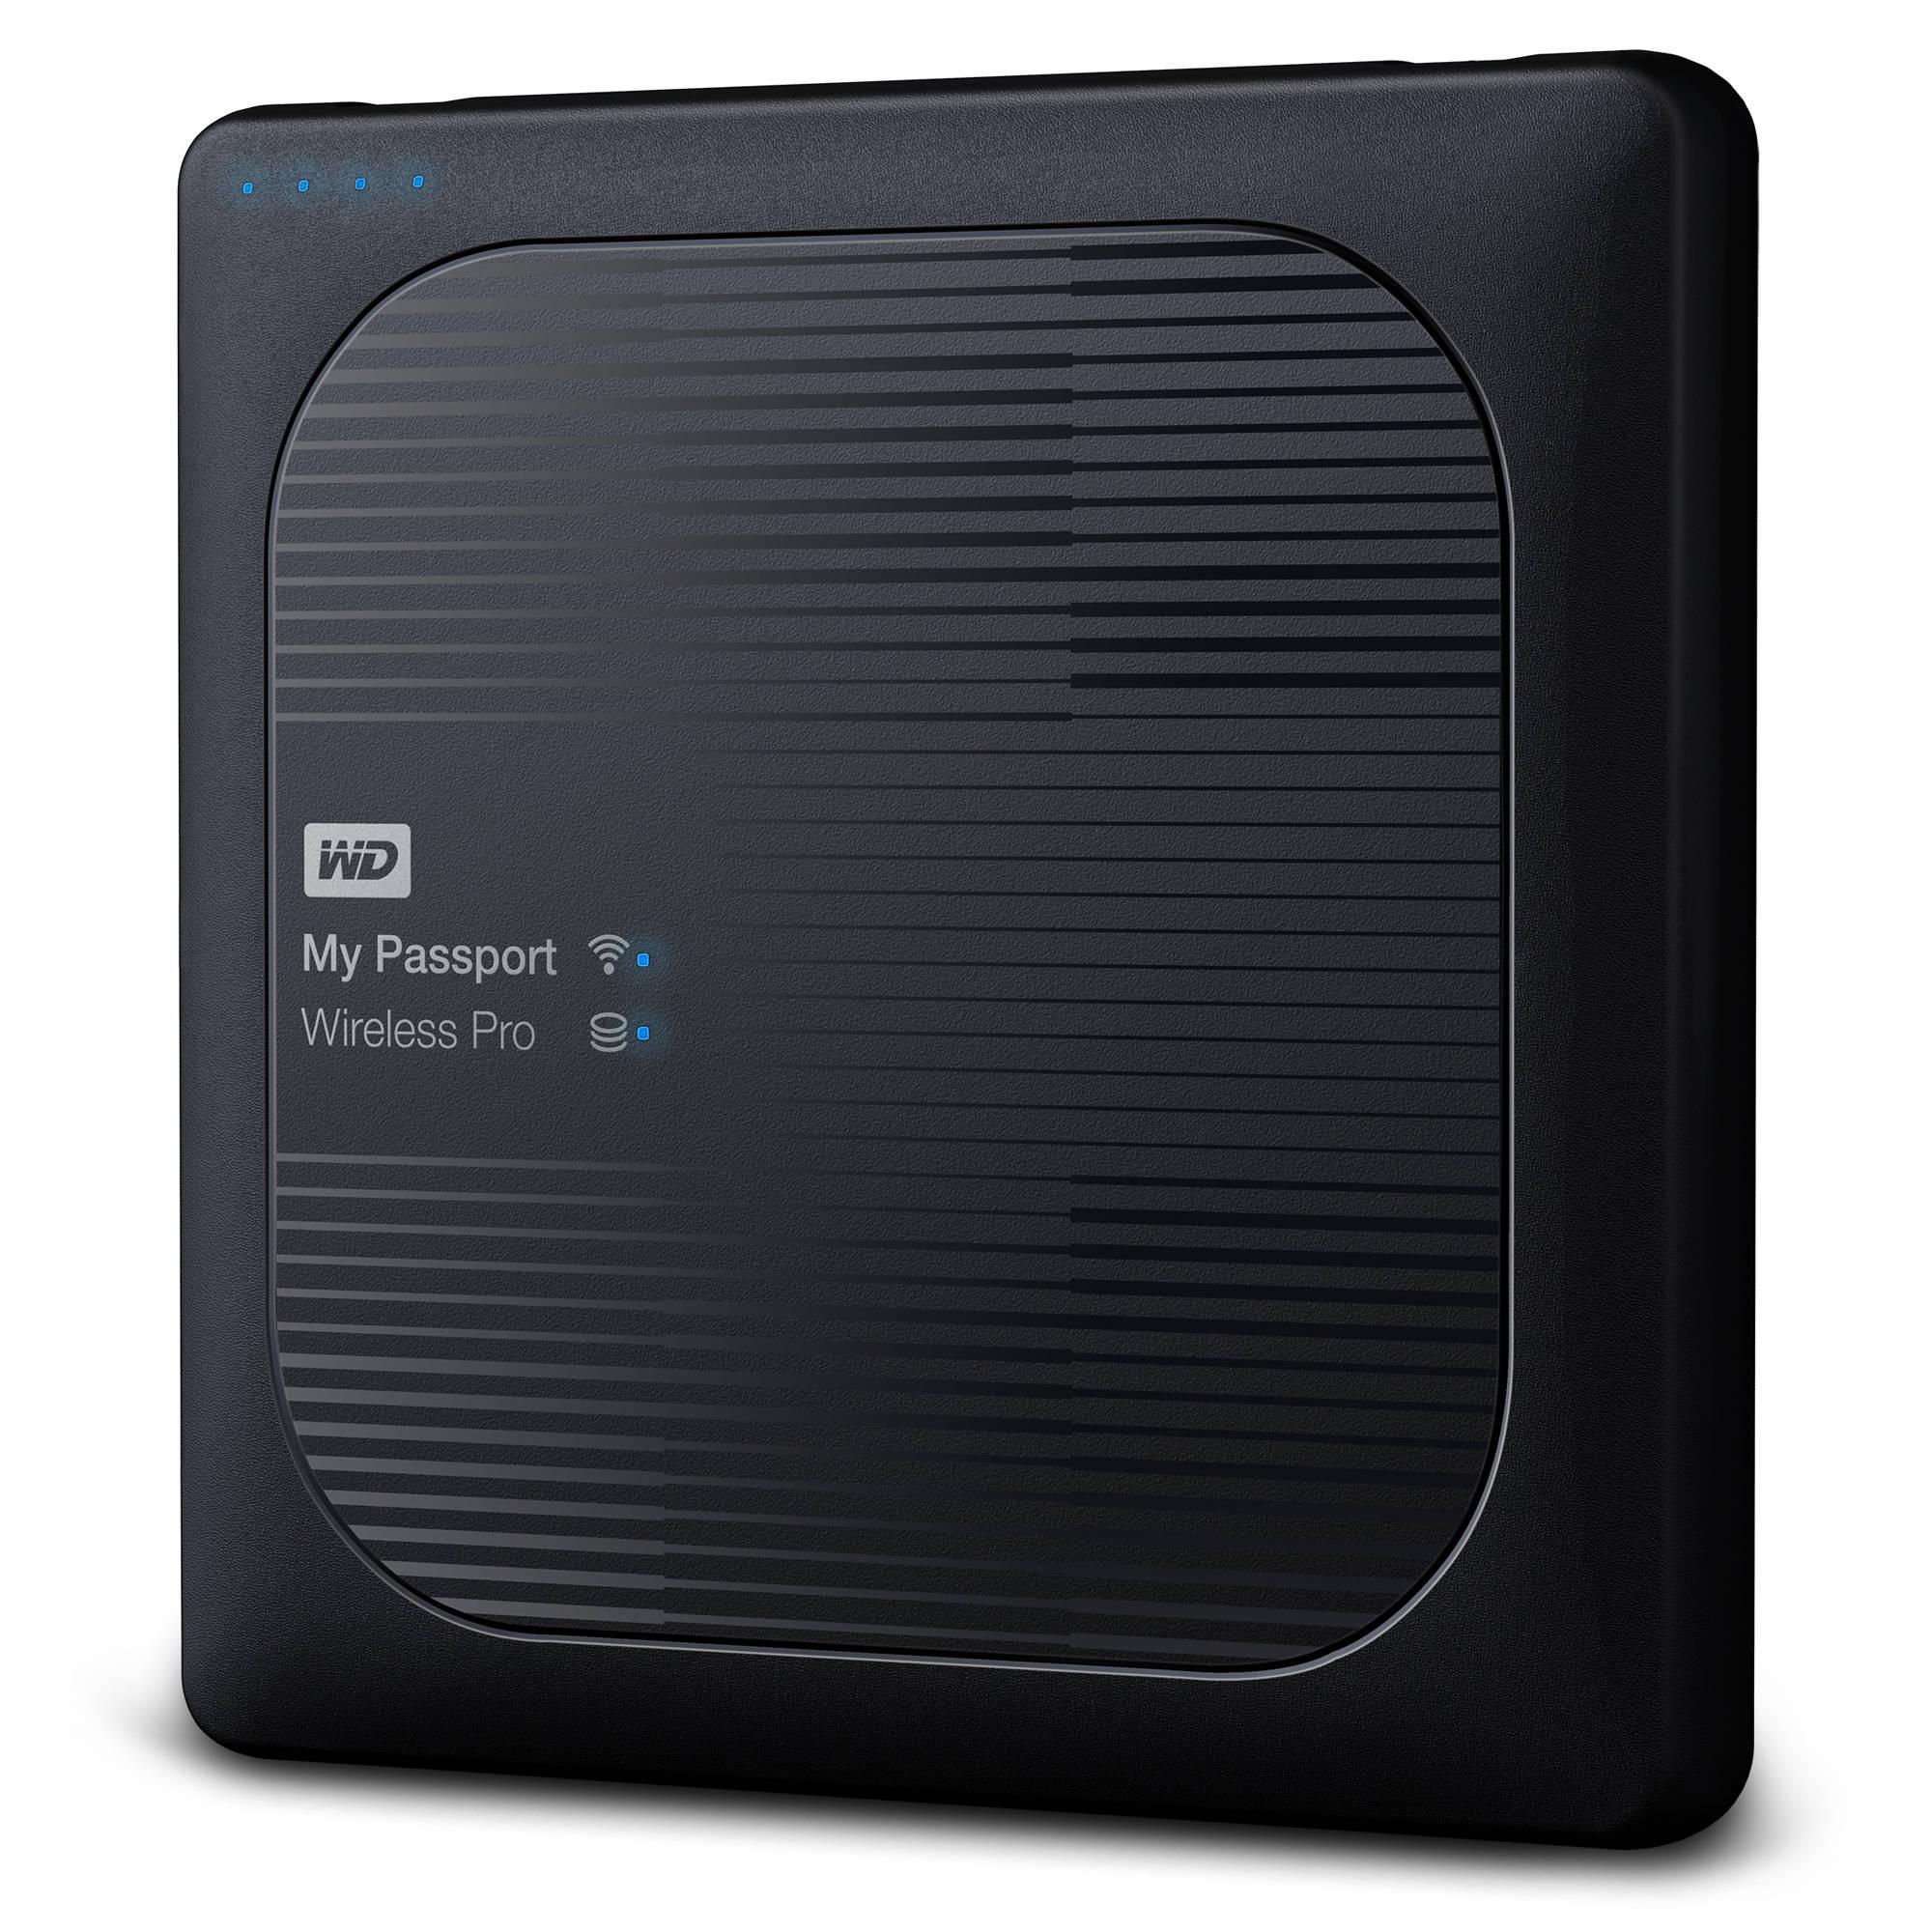 WD 2TB My Passport Wireless Pro USB 3 0 External Hard Drive